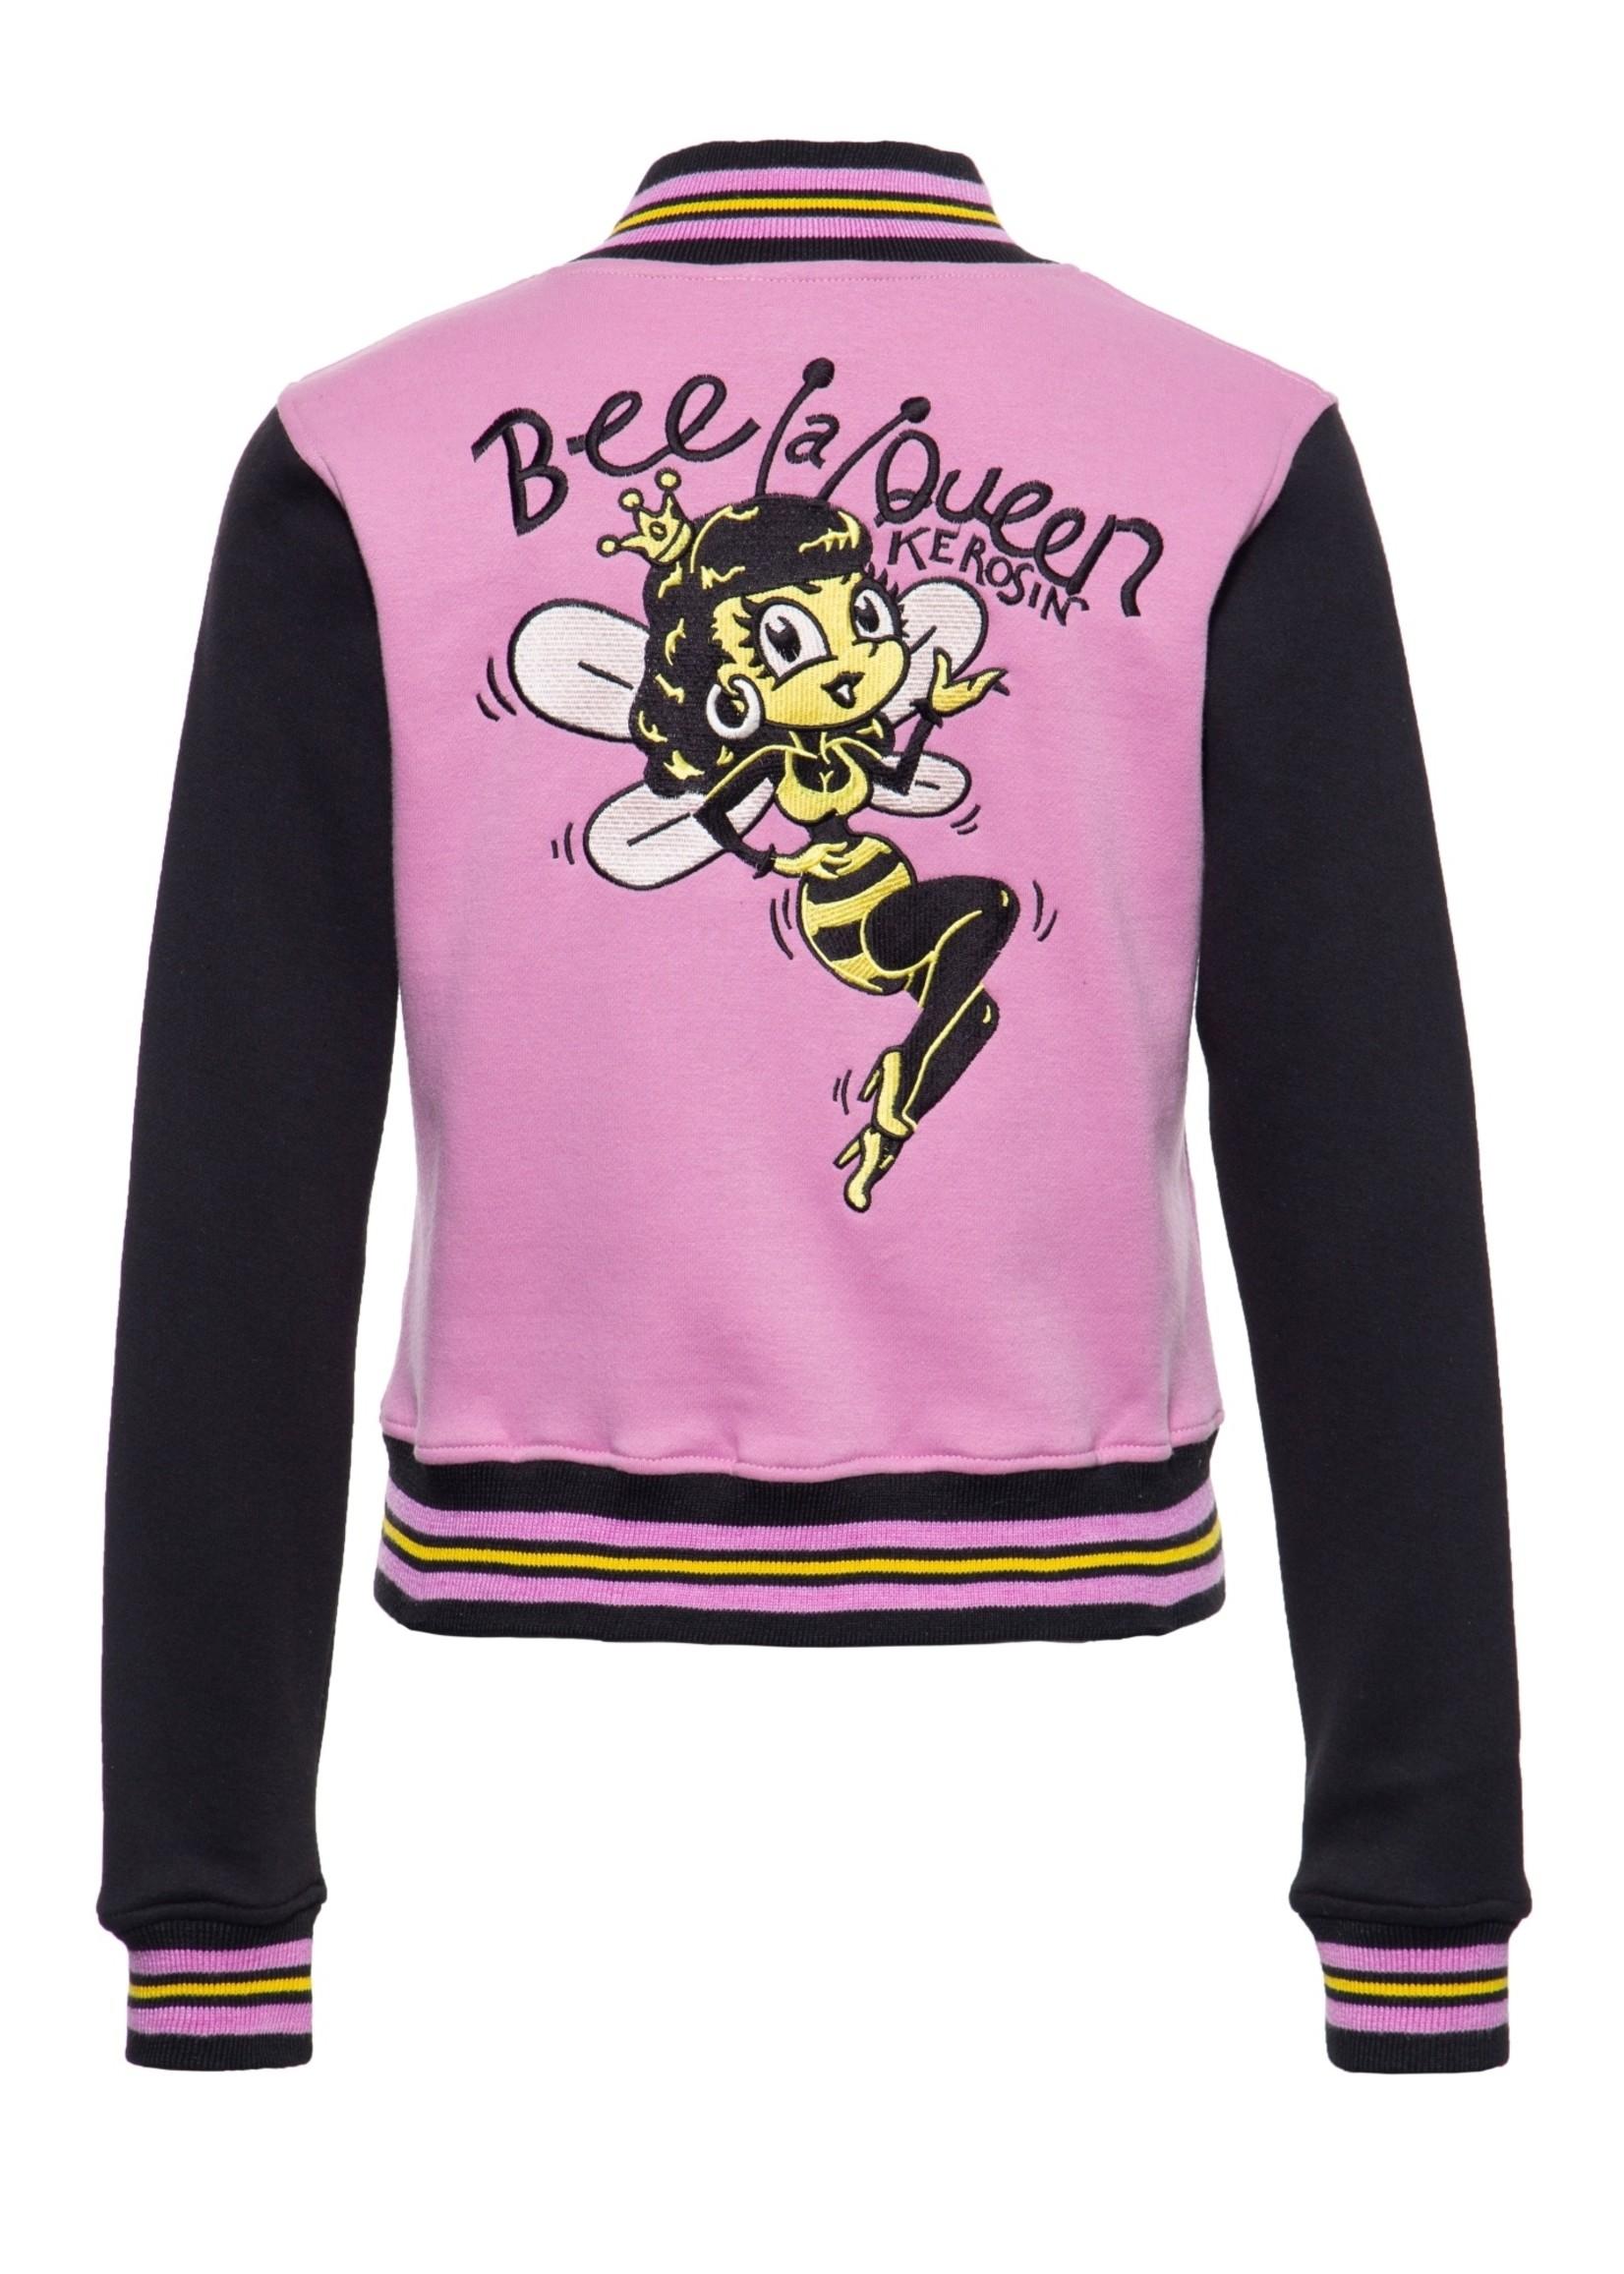 Queen Kerosin Queen Kerosin Bee a Queen Baseball Jacket in Pink and Black